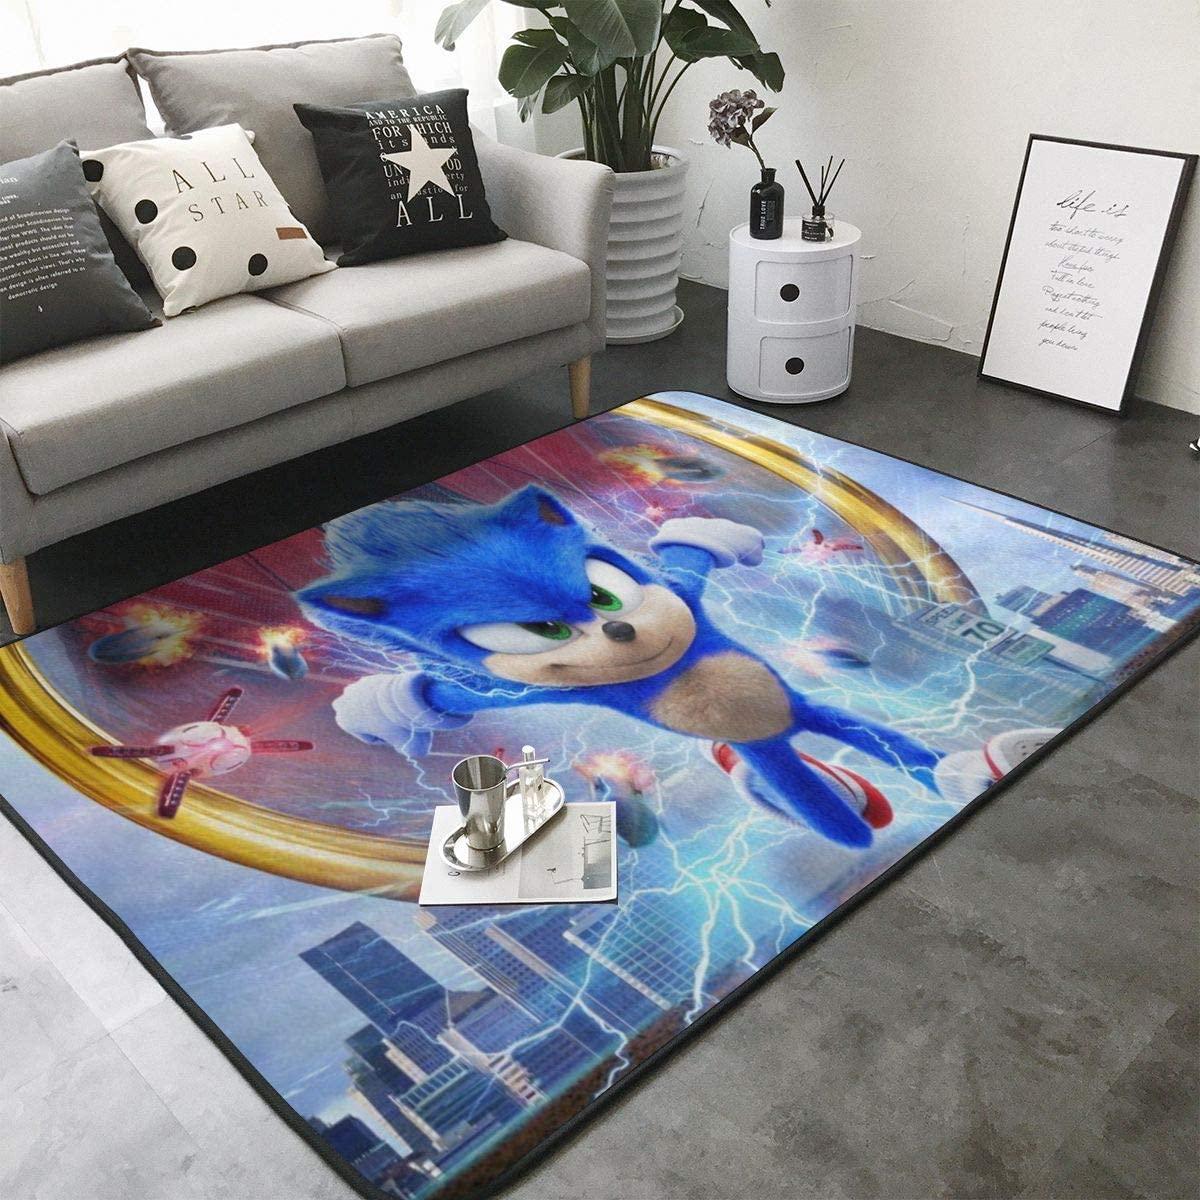 So-nic The Hed-gehog (3) Home Decoration Large Rug Floor Carpet Yoga Mat, Modern Area Rug for Children Kid Playroom Bedroom 84 x 60 inch